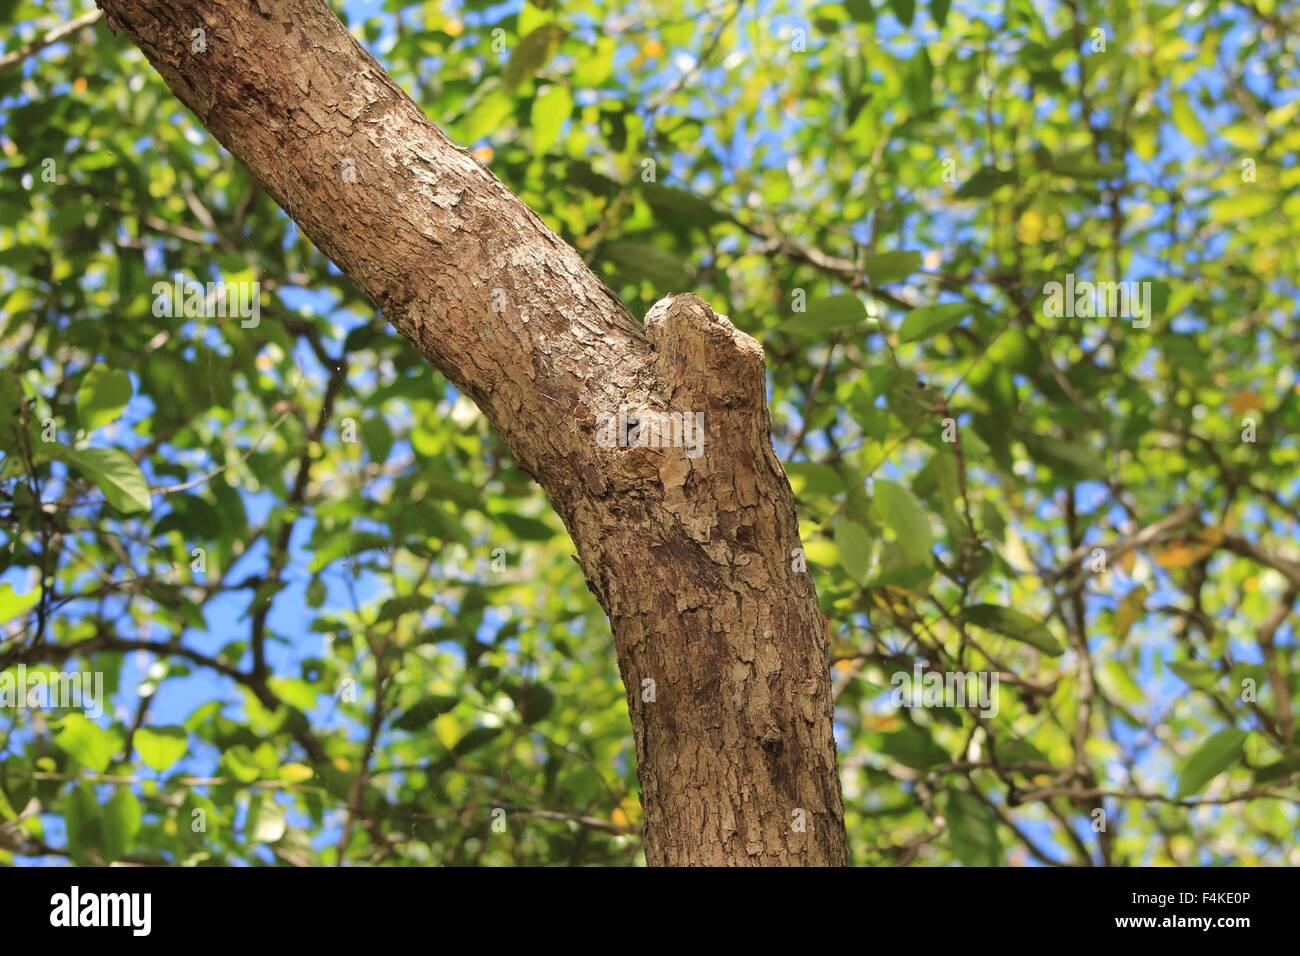 Tronco di albero, corteccia, rami di albero, foglie, la luce del sole Immagini Stock